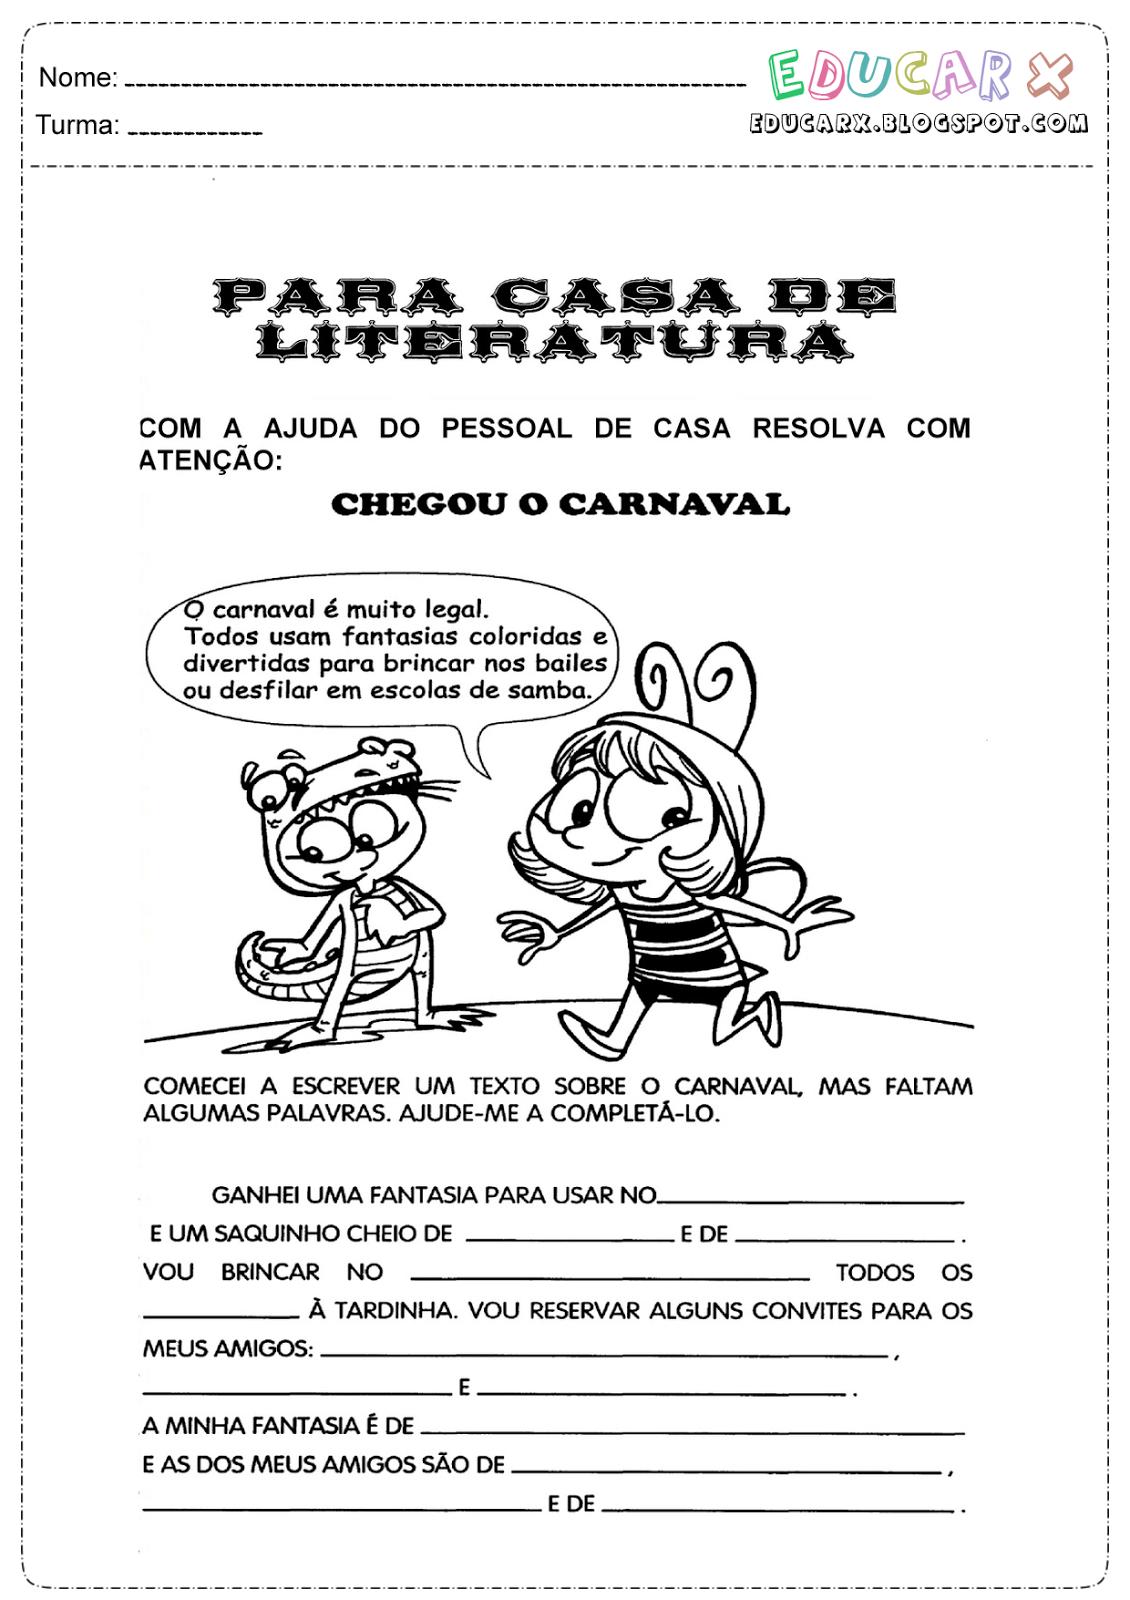 atividades texto sobre o carnaval